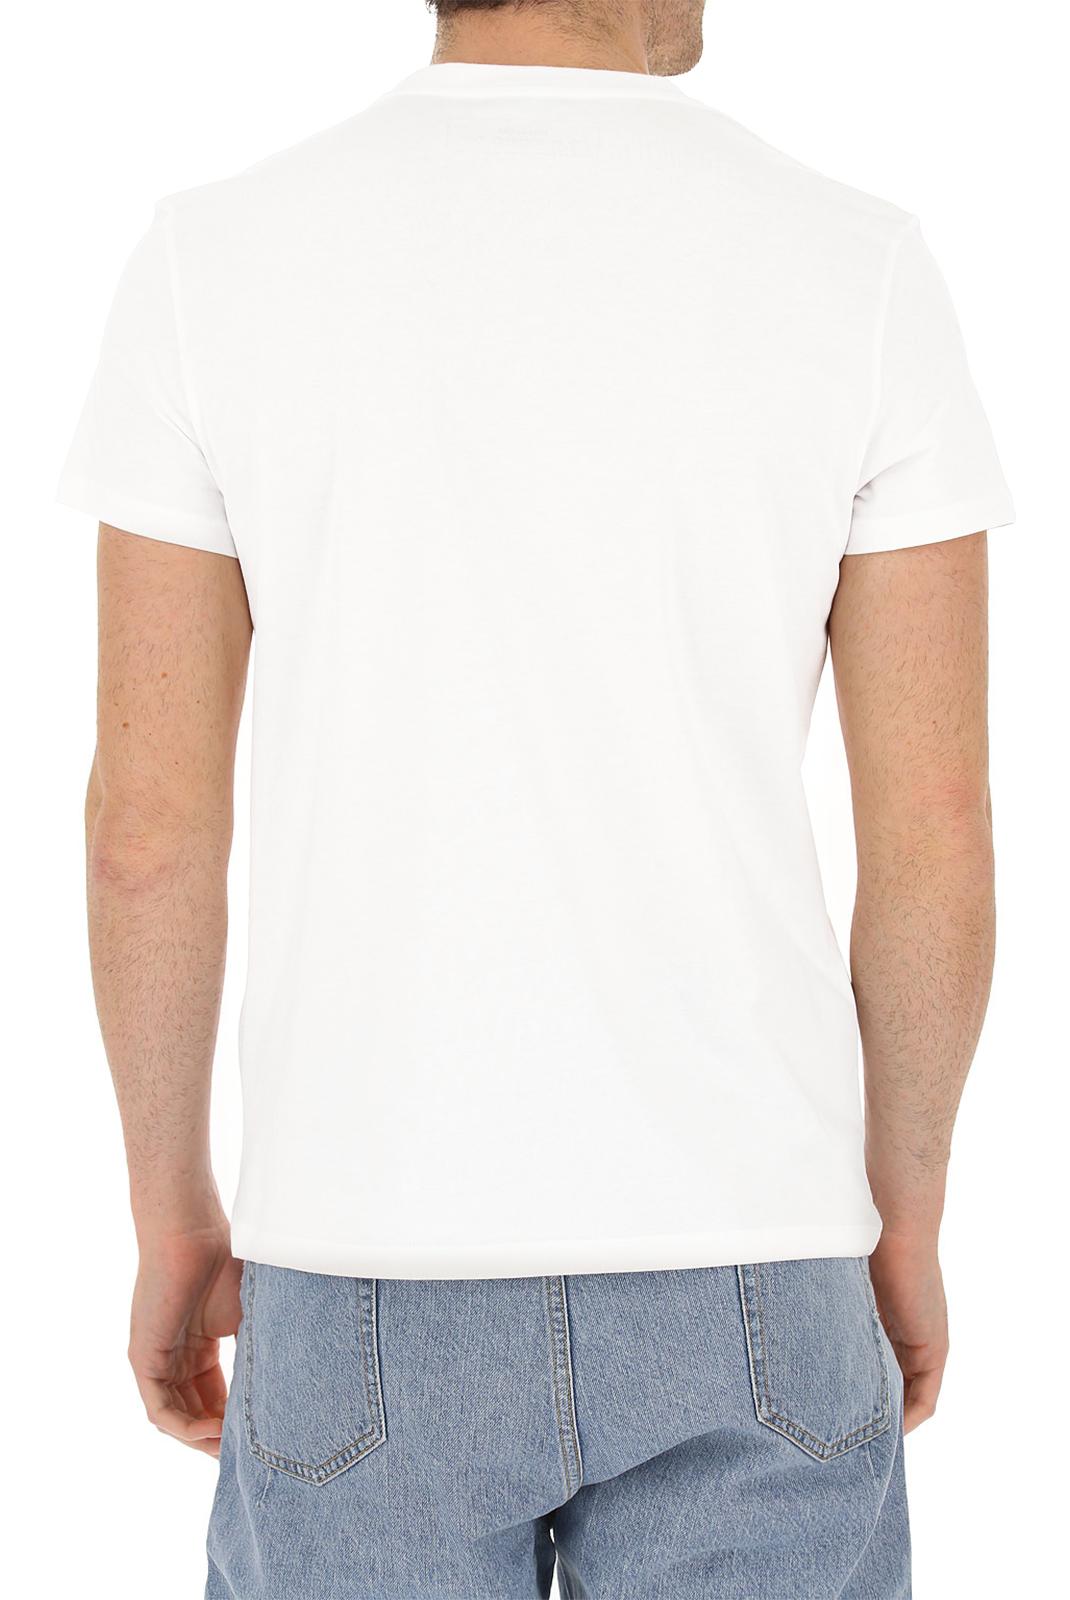 Tee-shirts  Balmain RH11601 WHITE/YELLOW